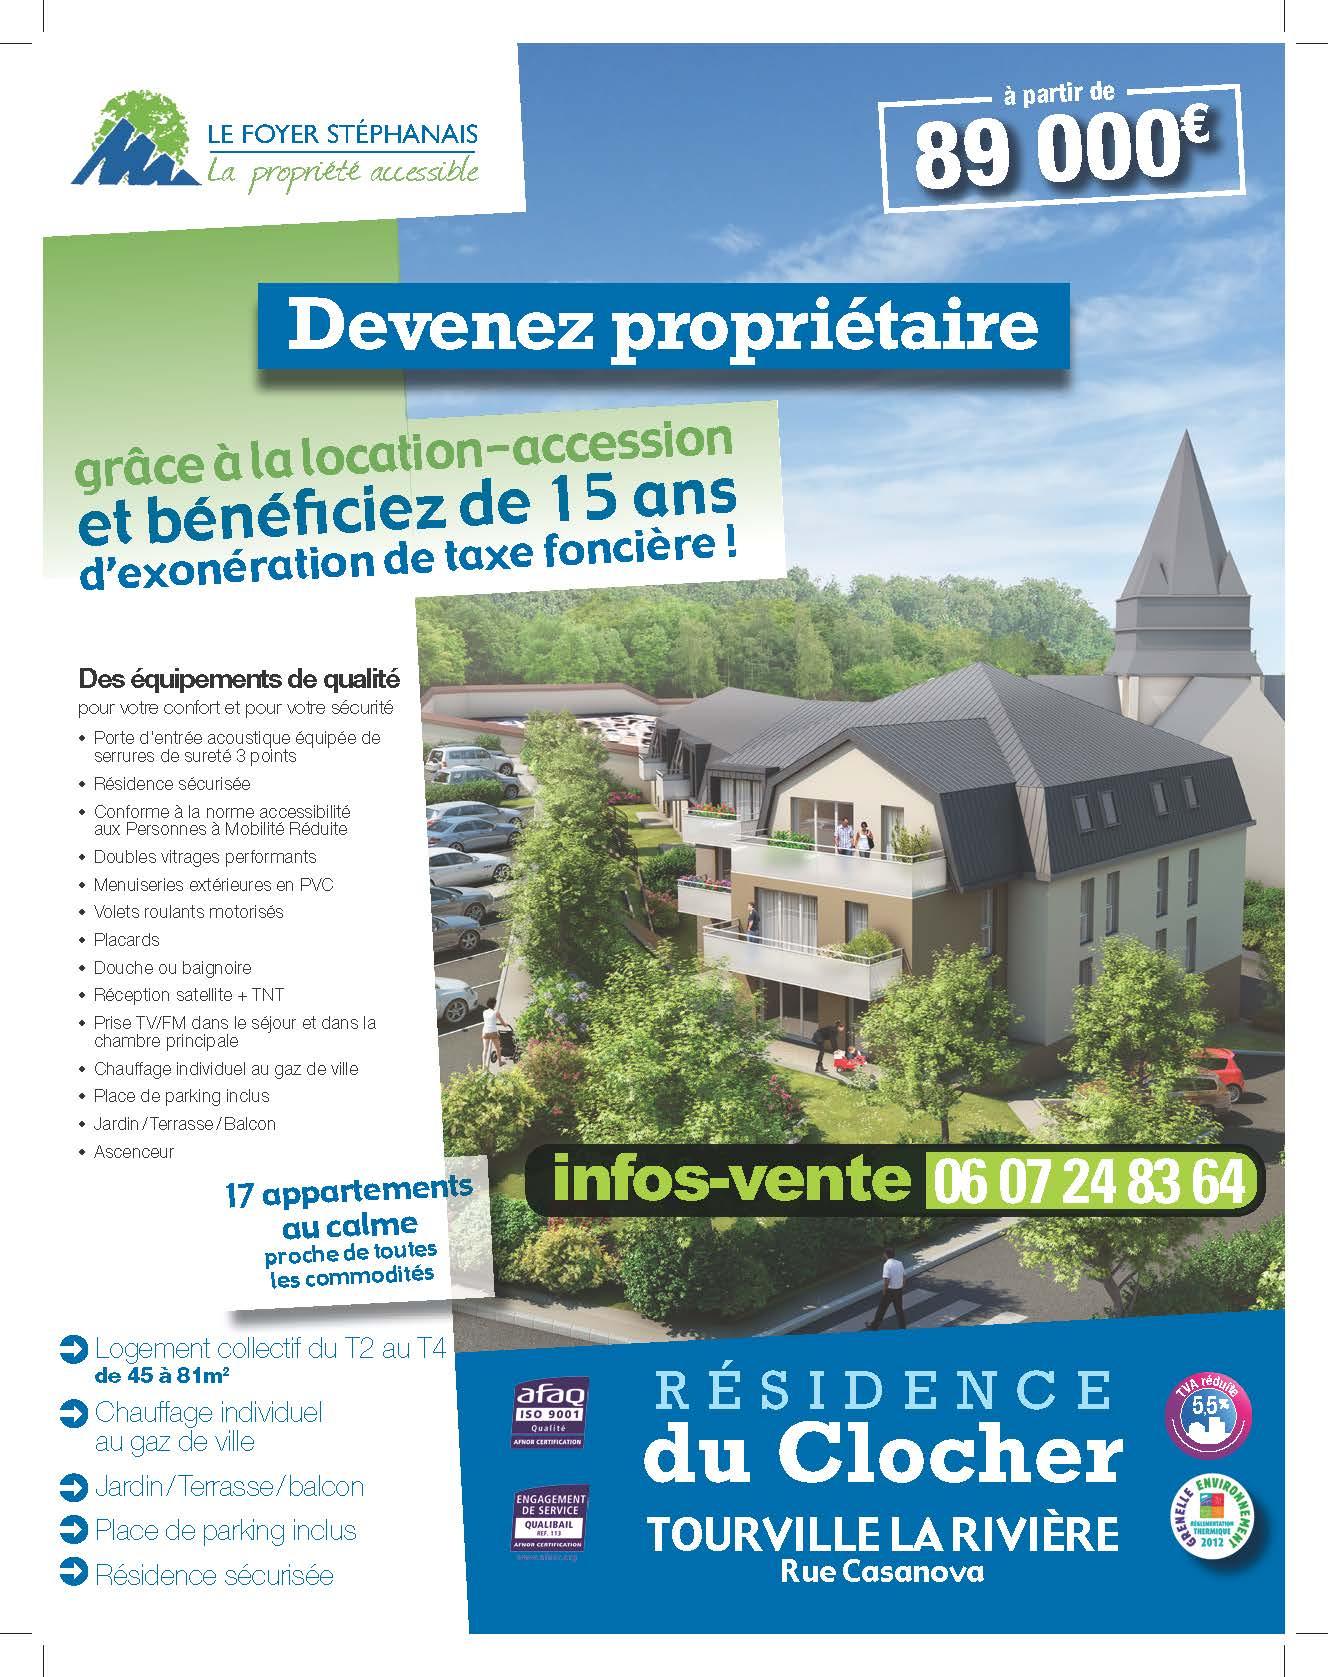 résidence du clocher_tourville la rivière_2017